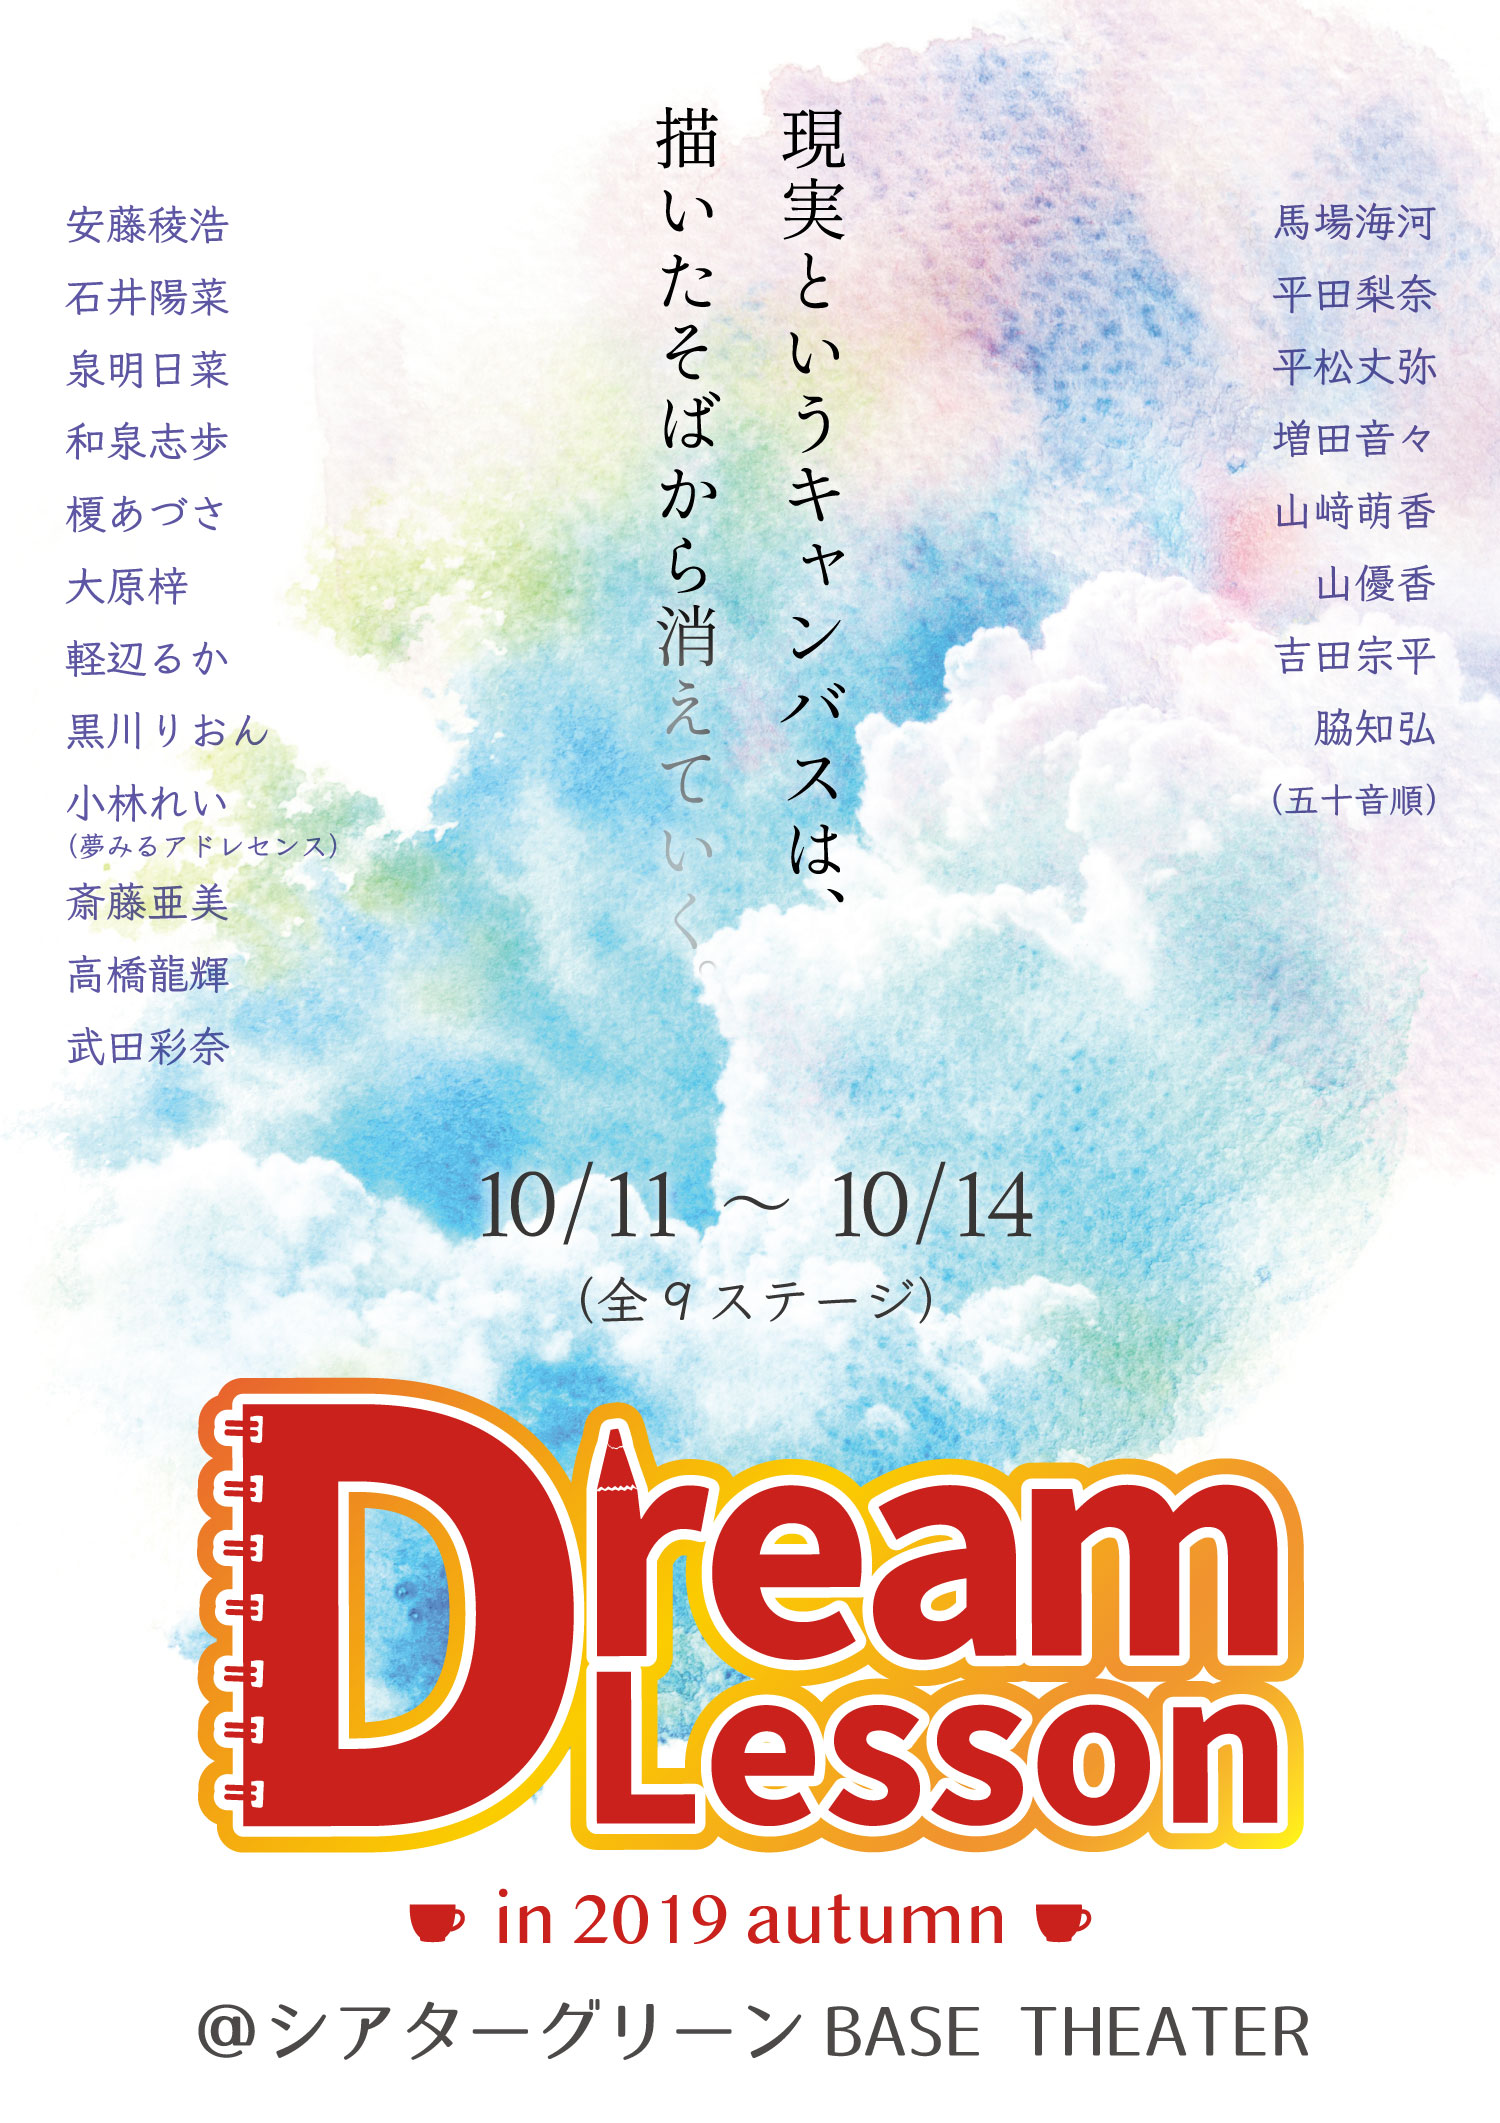 【10月12日 19時】公演 Dream Lesson in2019 autumn